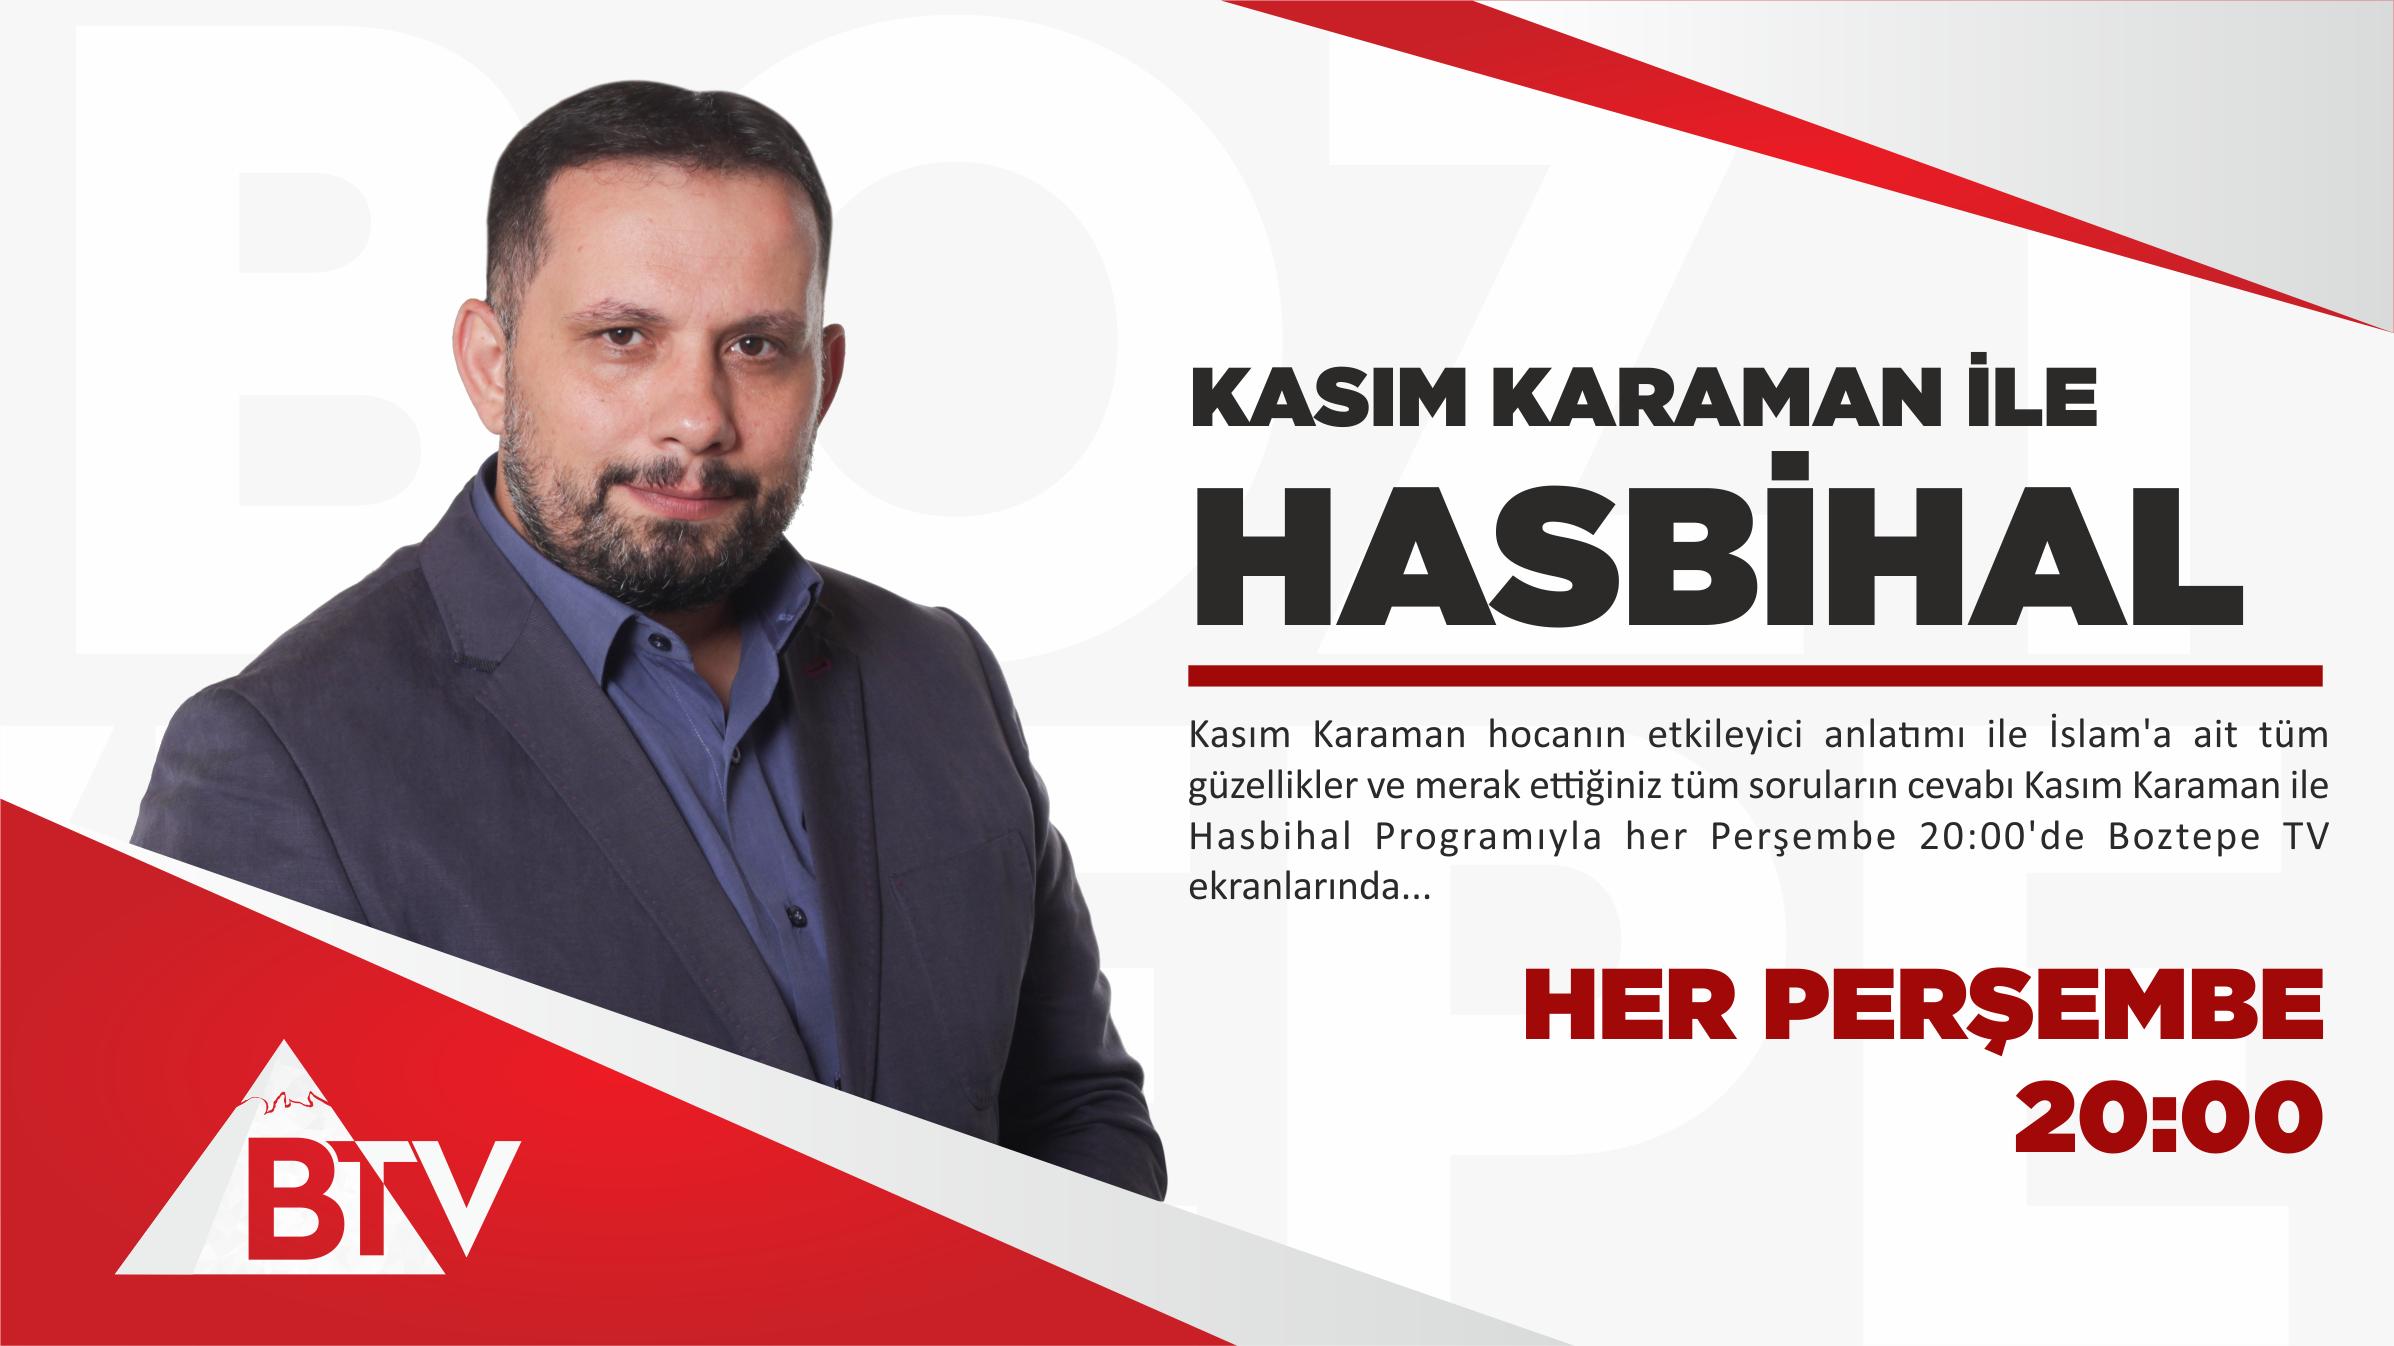 Kasım Karaman ile Hasbihal